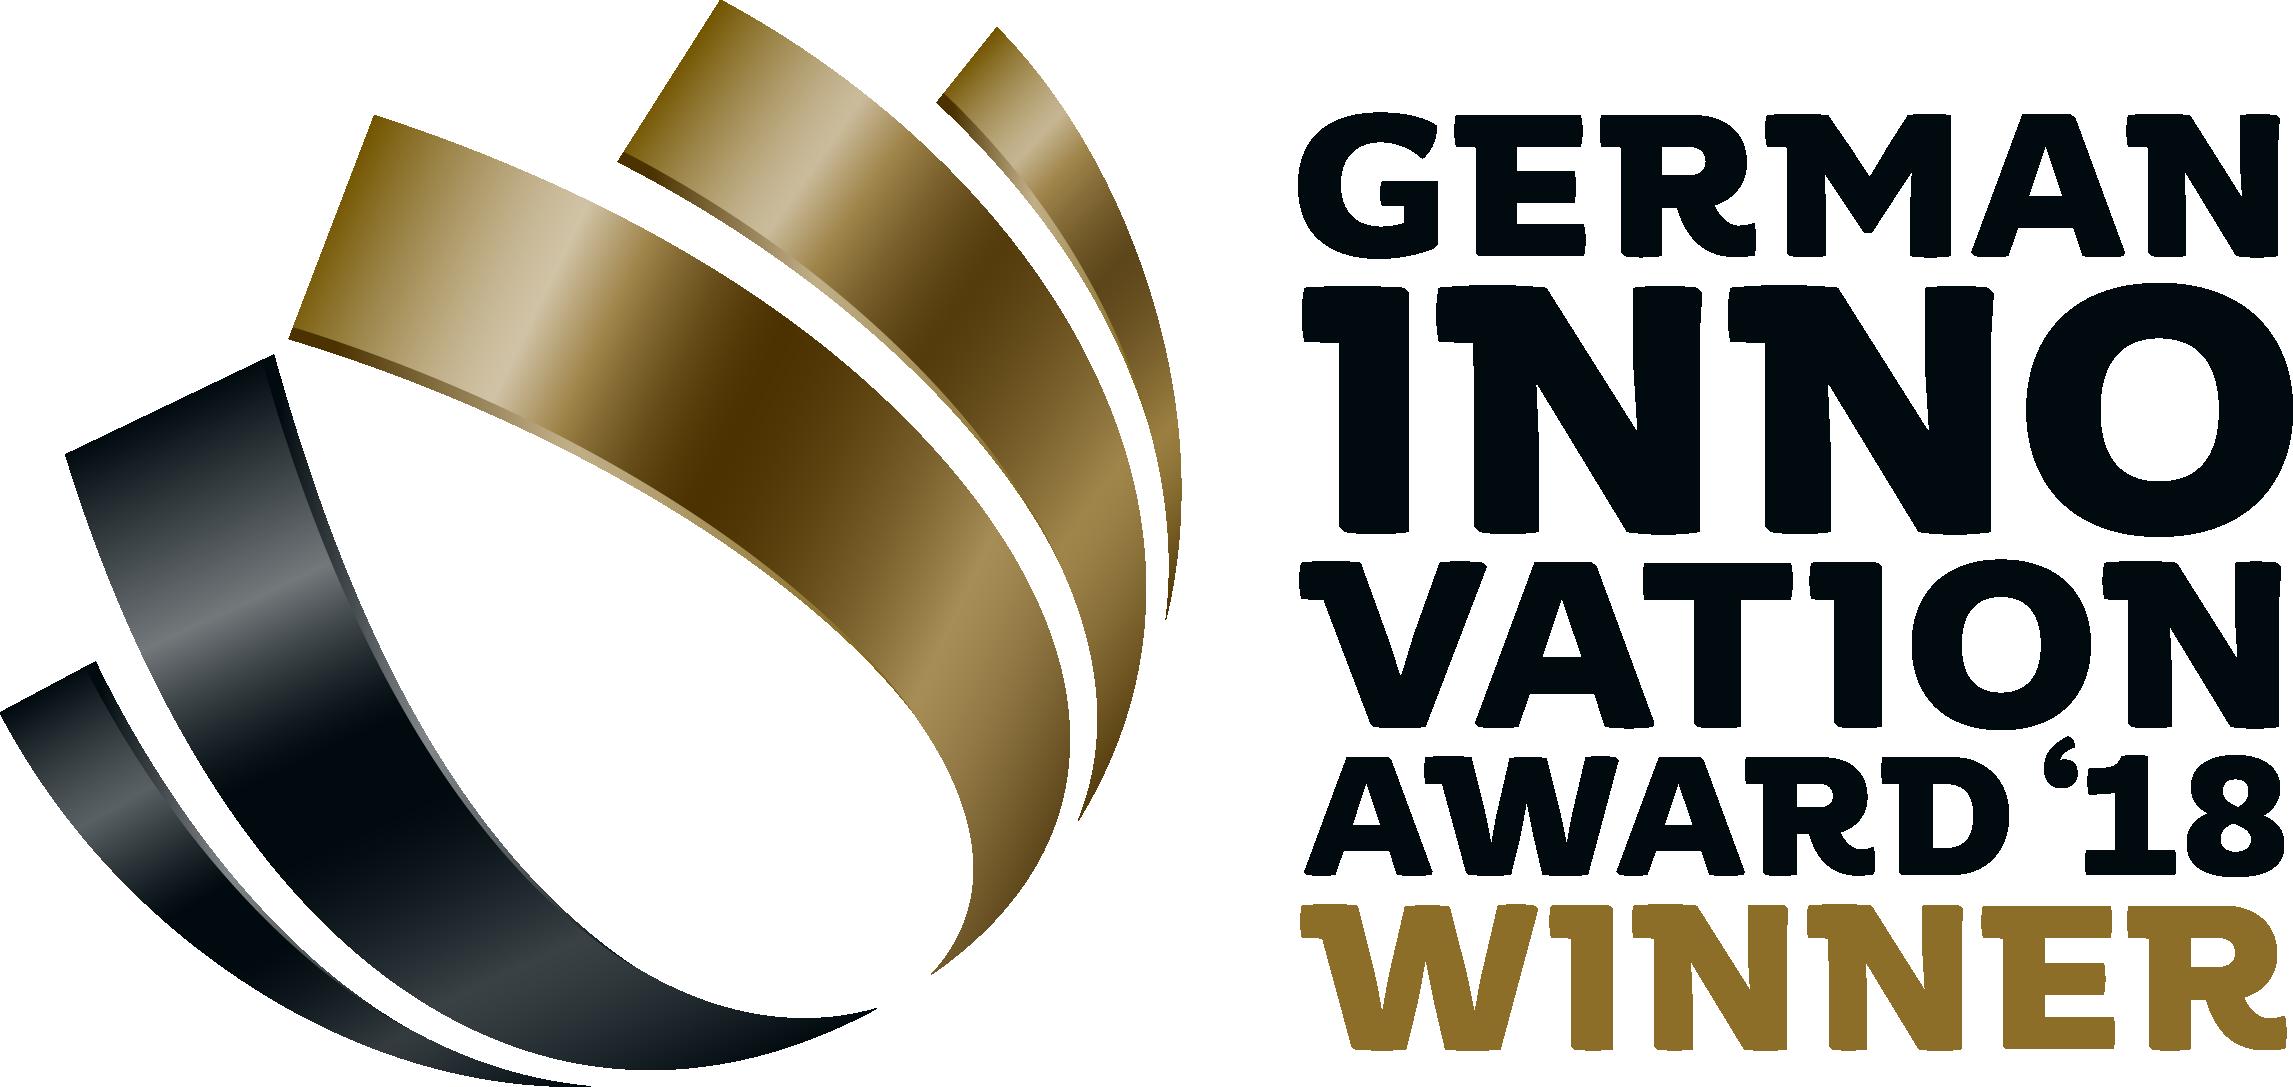 Logo German Innovations Award 2018 Winner